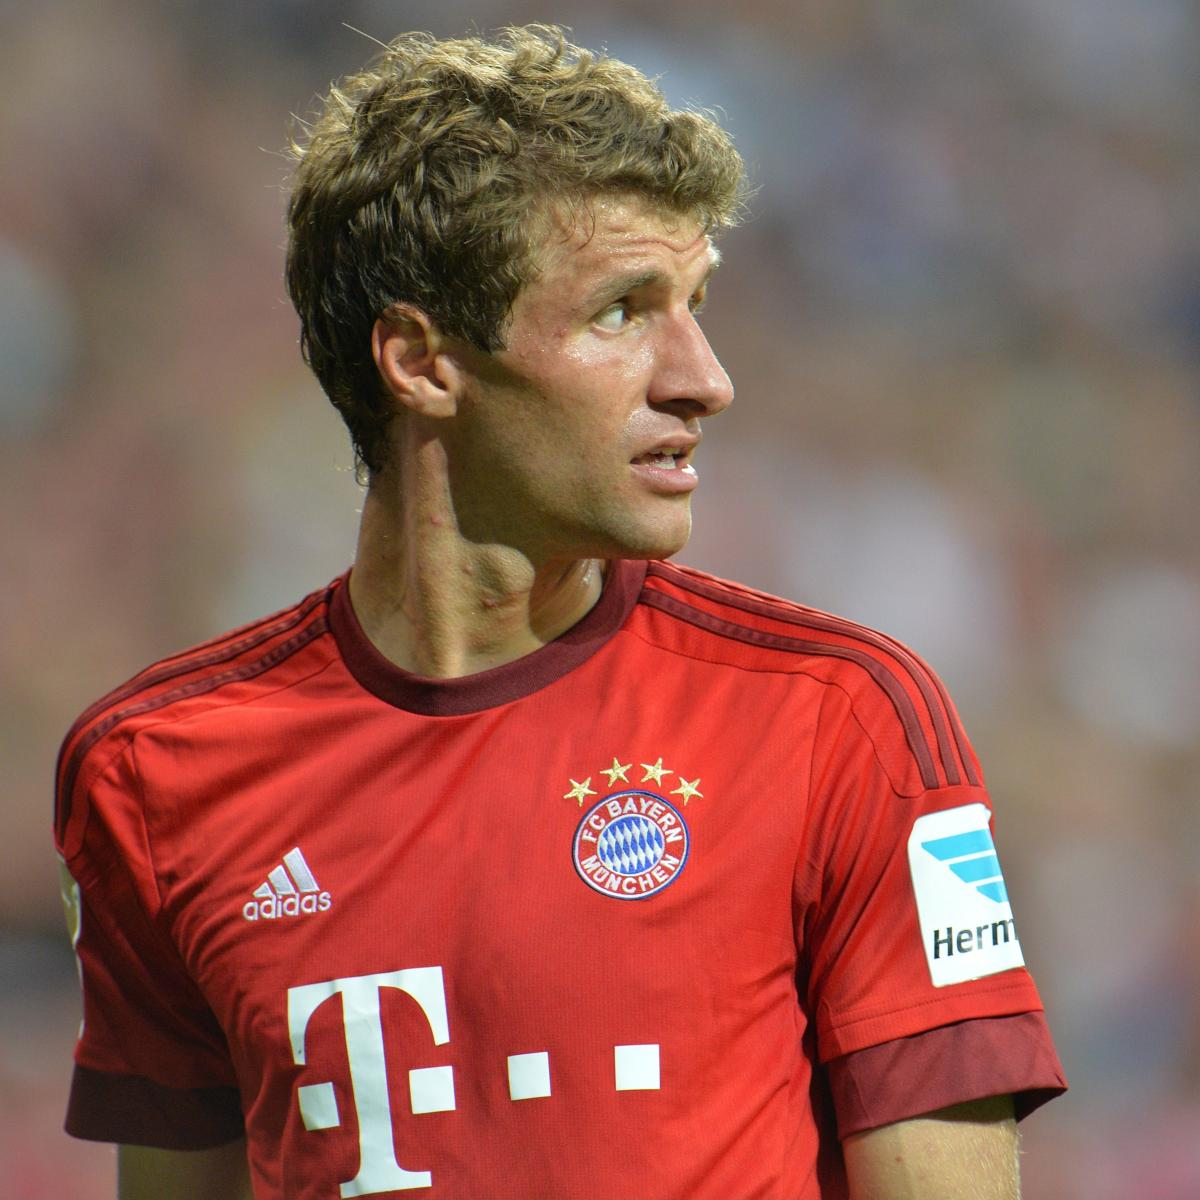 Manchester United Transfer News Latest Rumours On Lucas: Manchester United Transfer News: Latest Thomas Muller